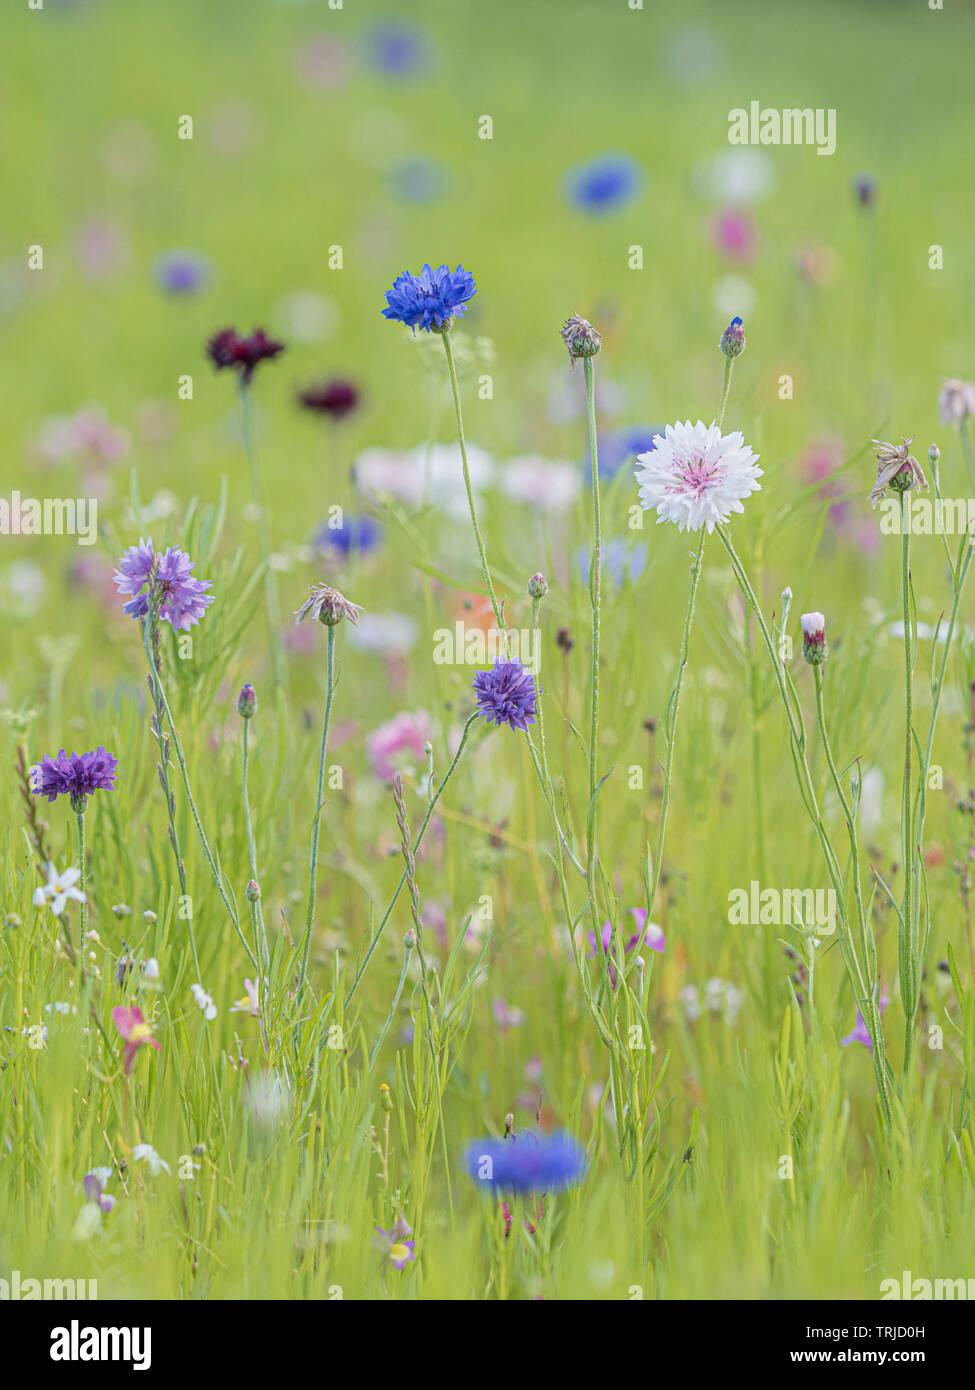 Cornflowers in wild flower meadow Stock Photo